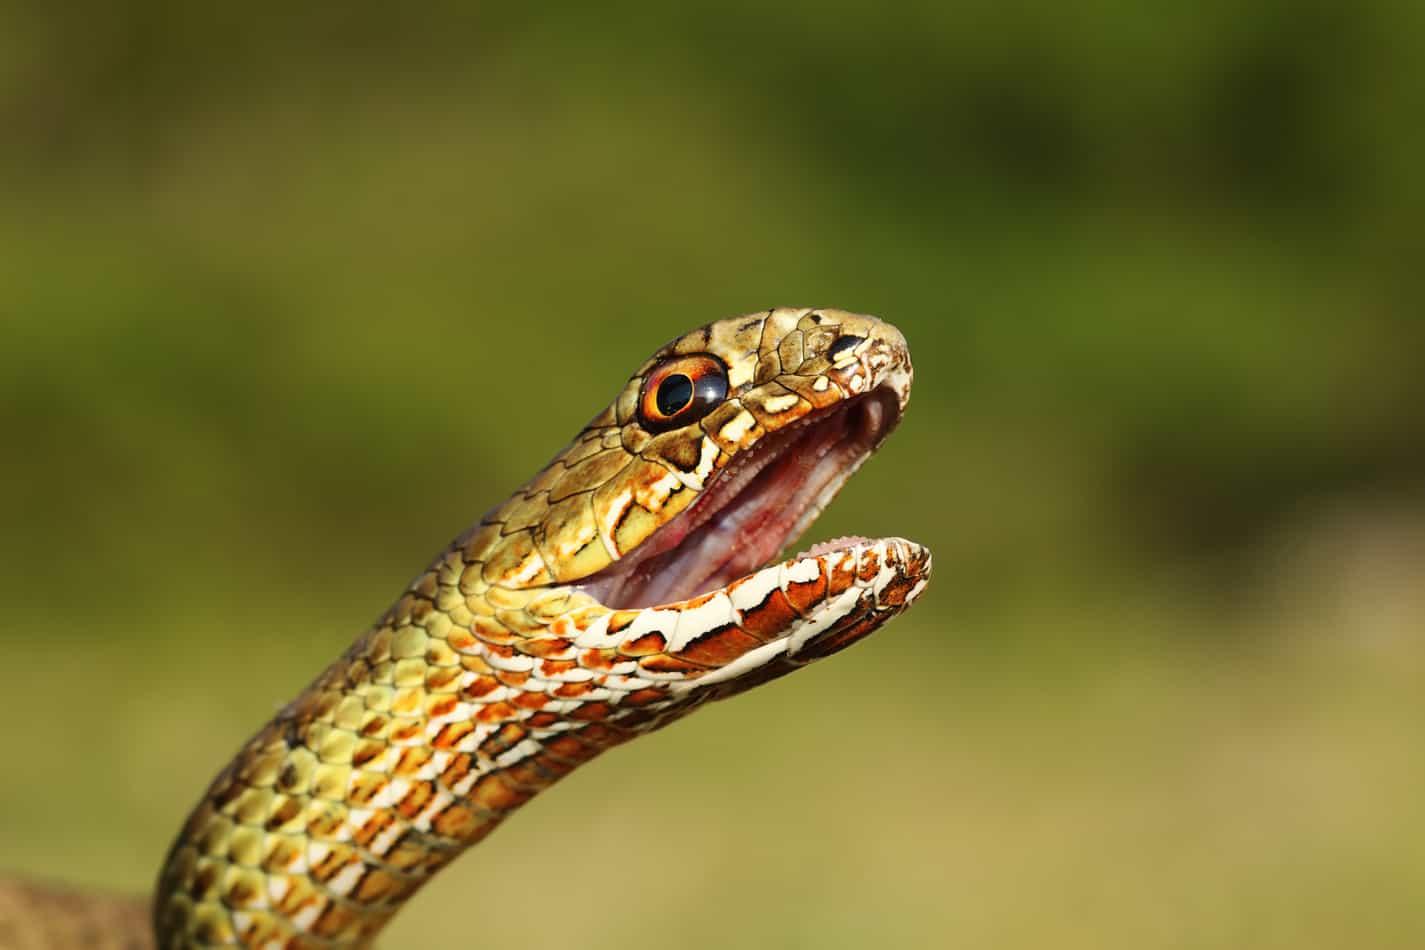 Do Pet Snakes Bite?